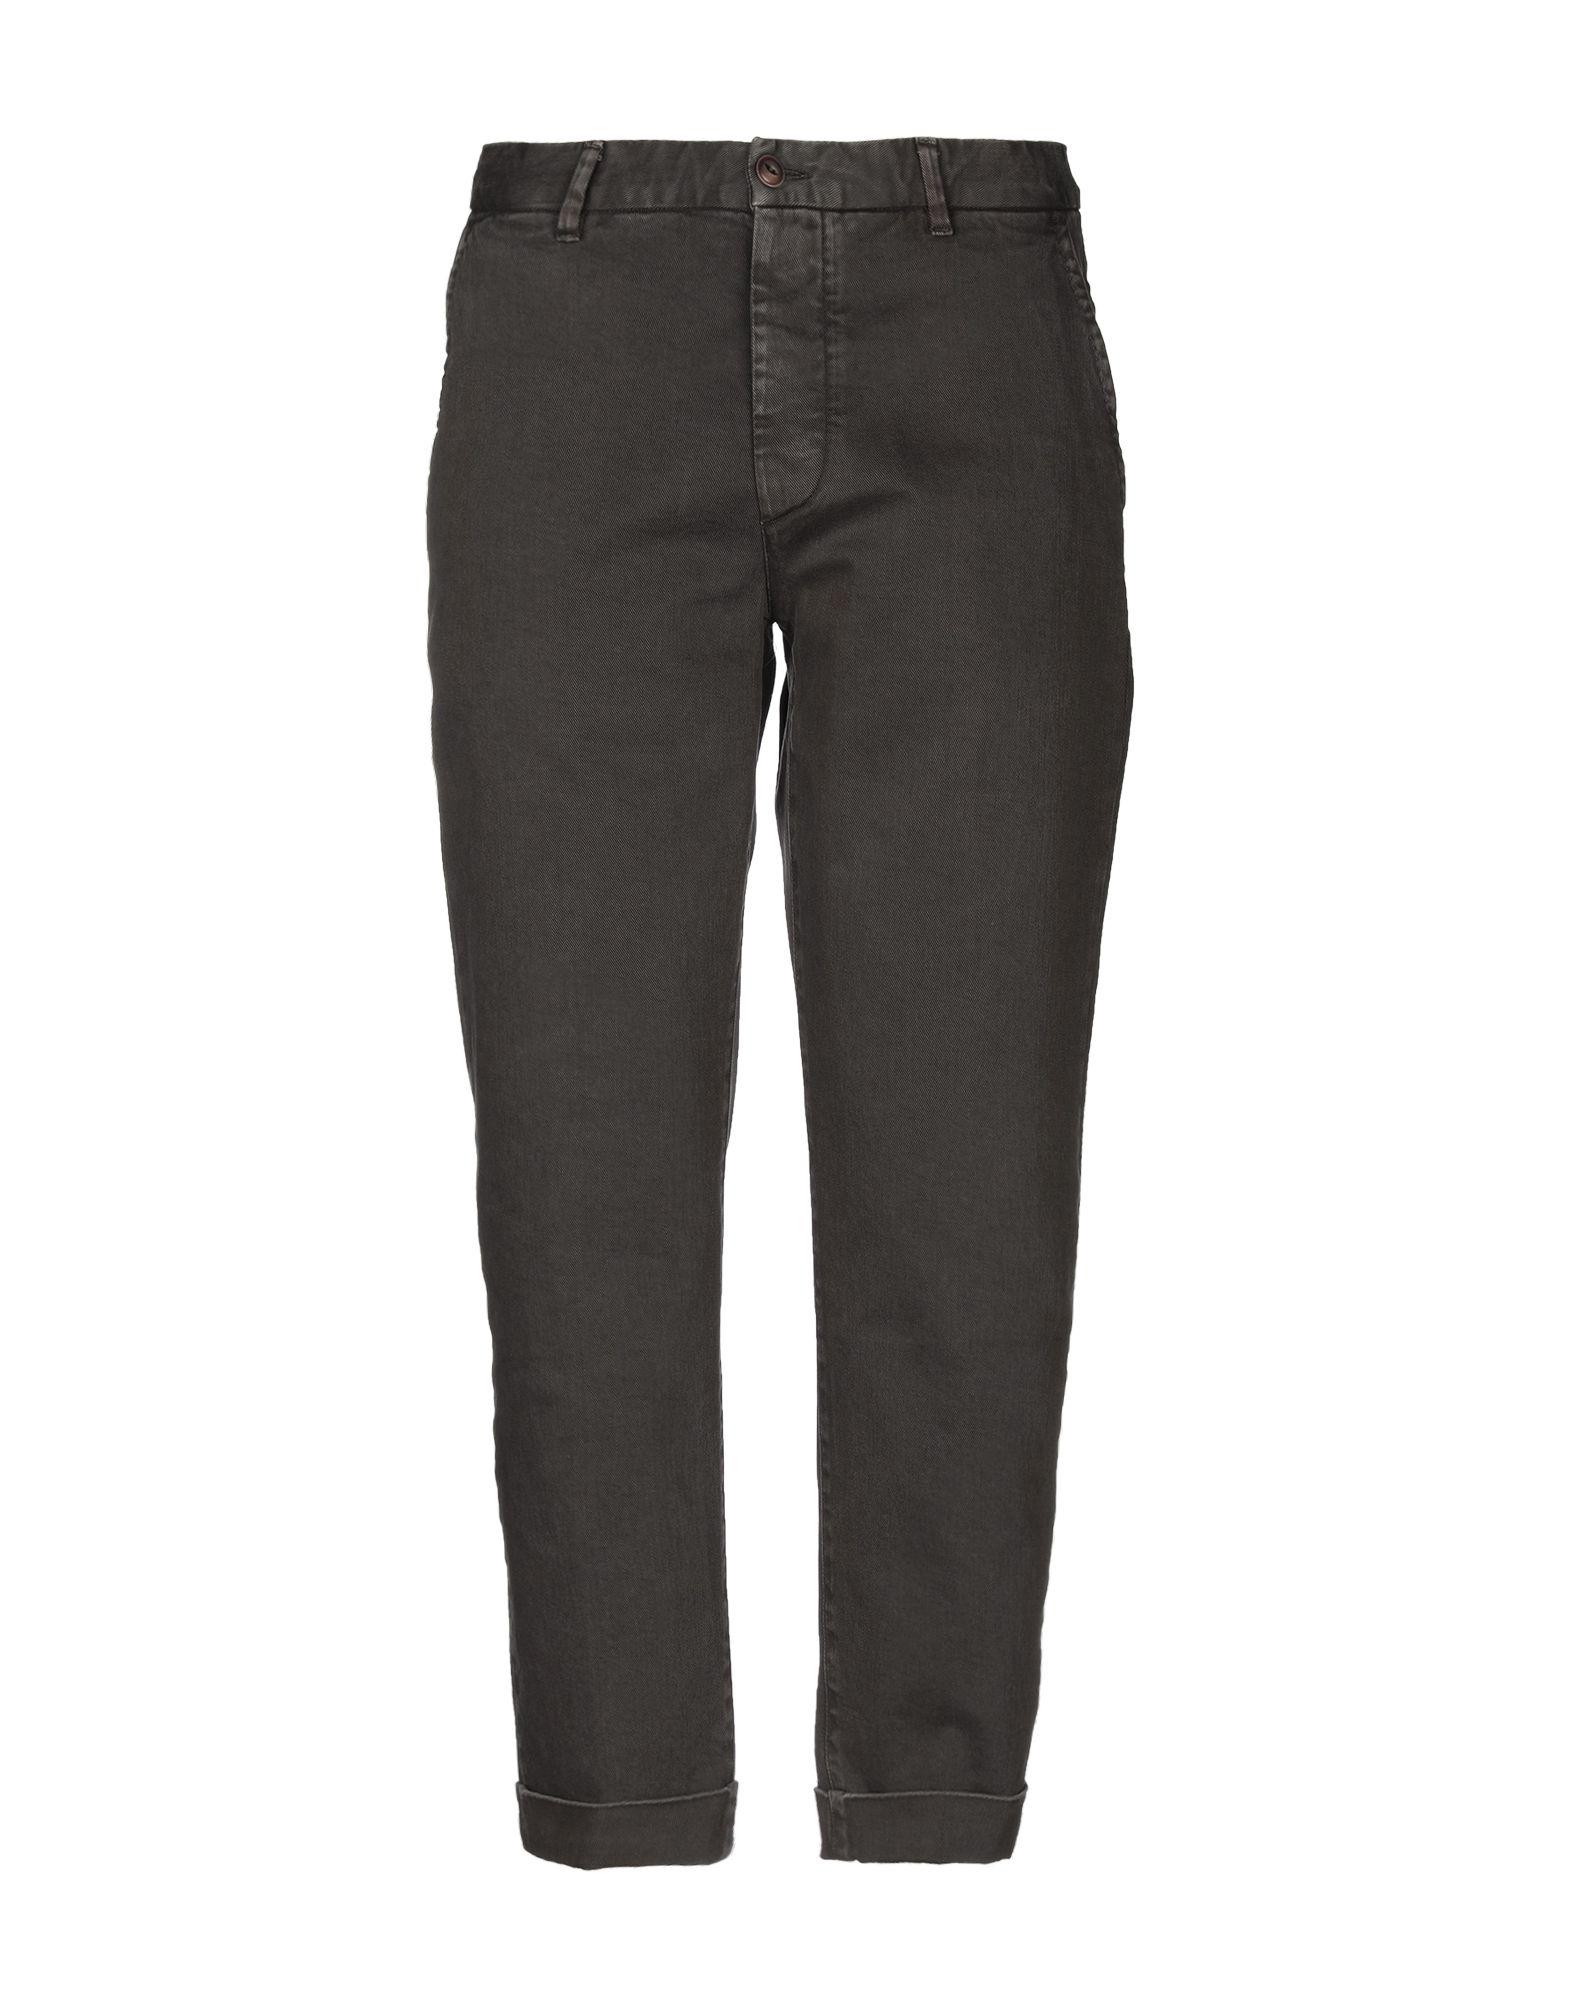 CARE LABEL Джинсовые брюки care label джинсовые брюки